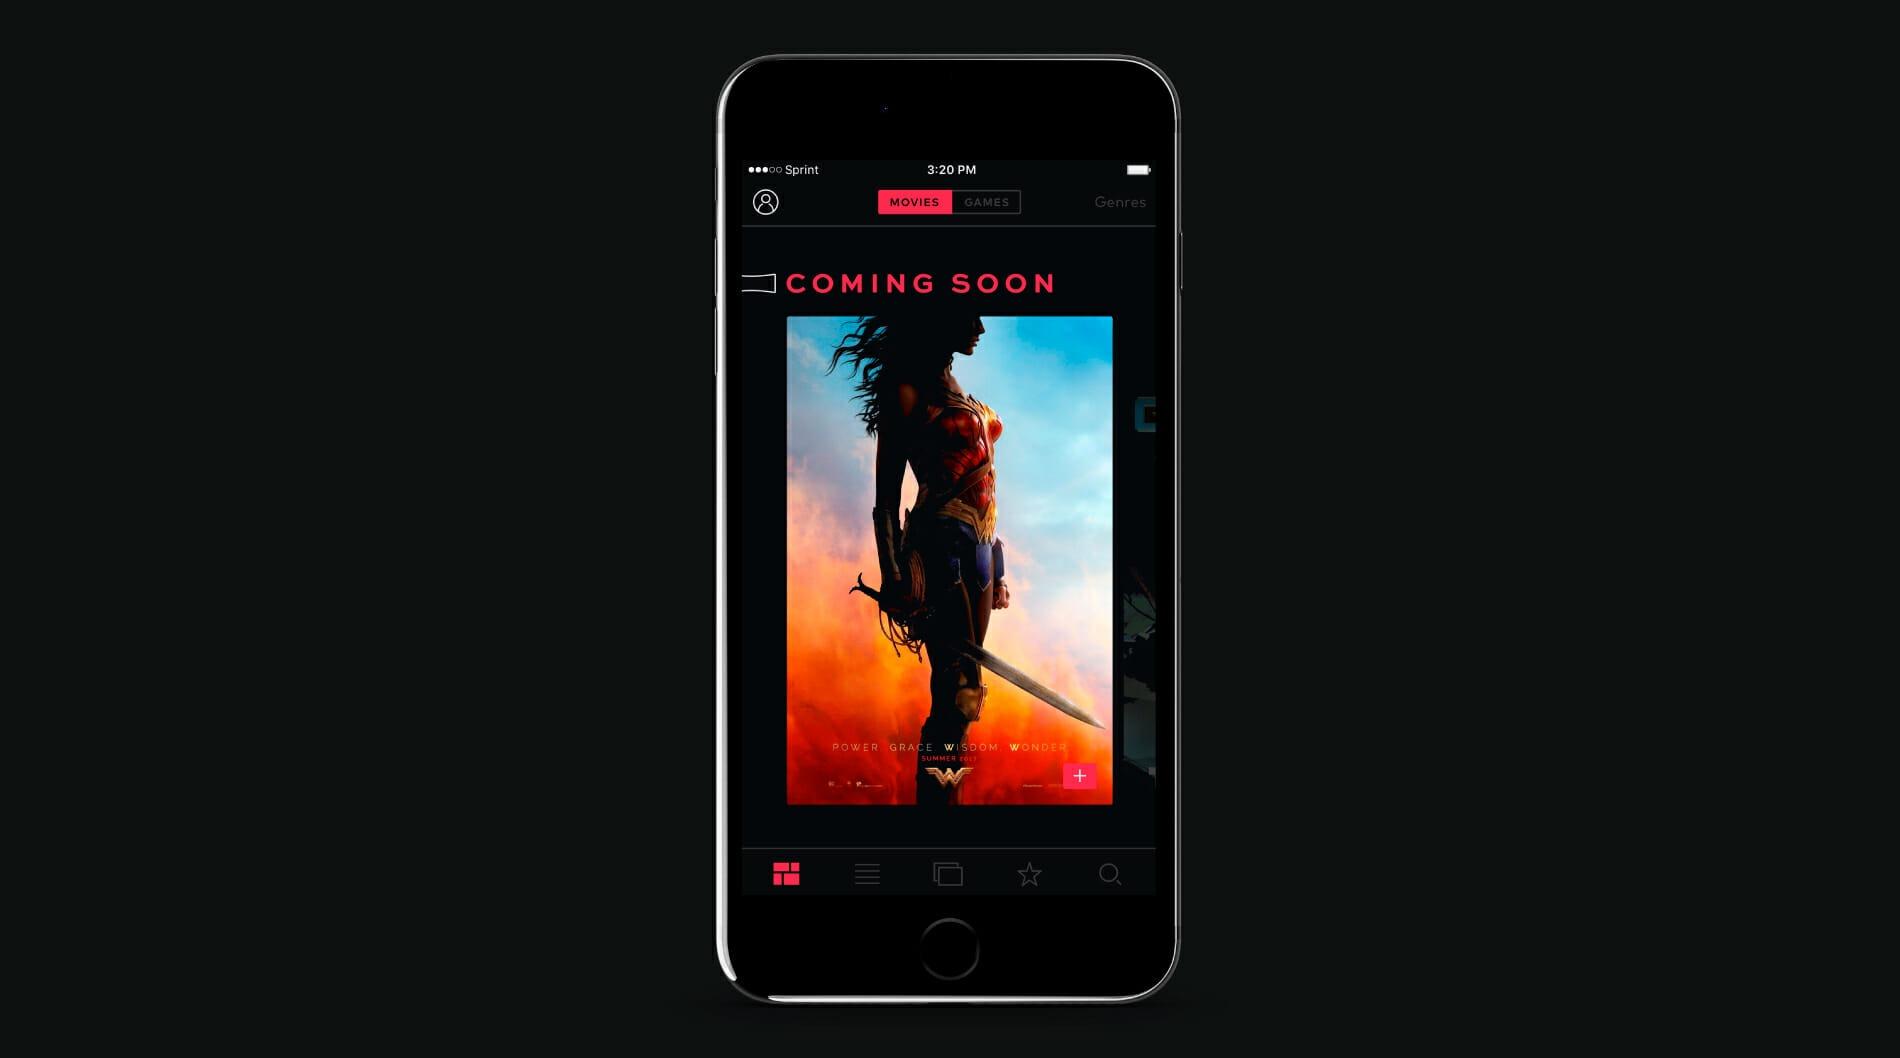 Redbox_App_04